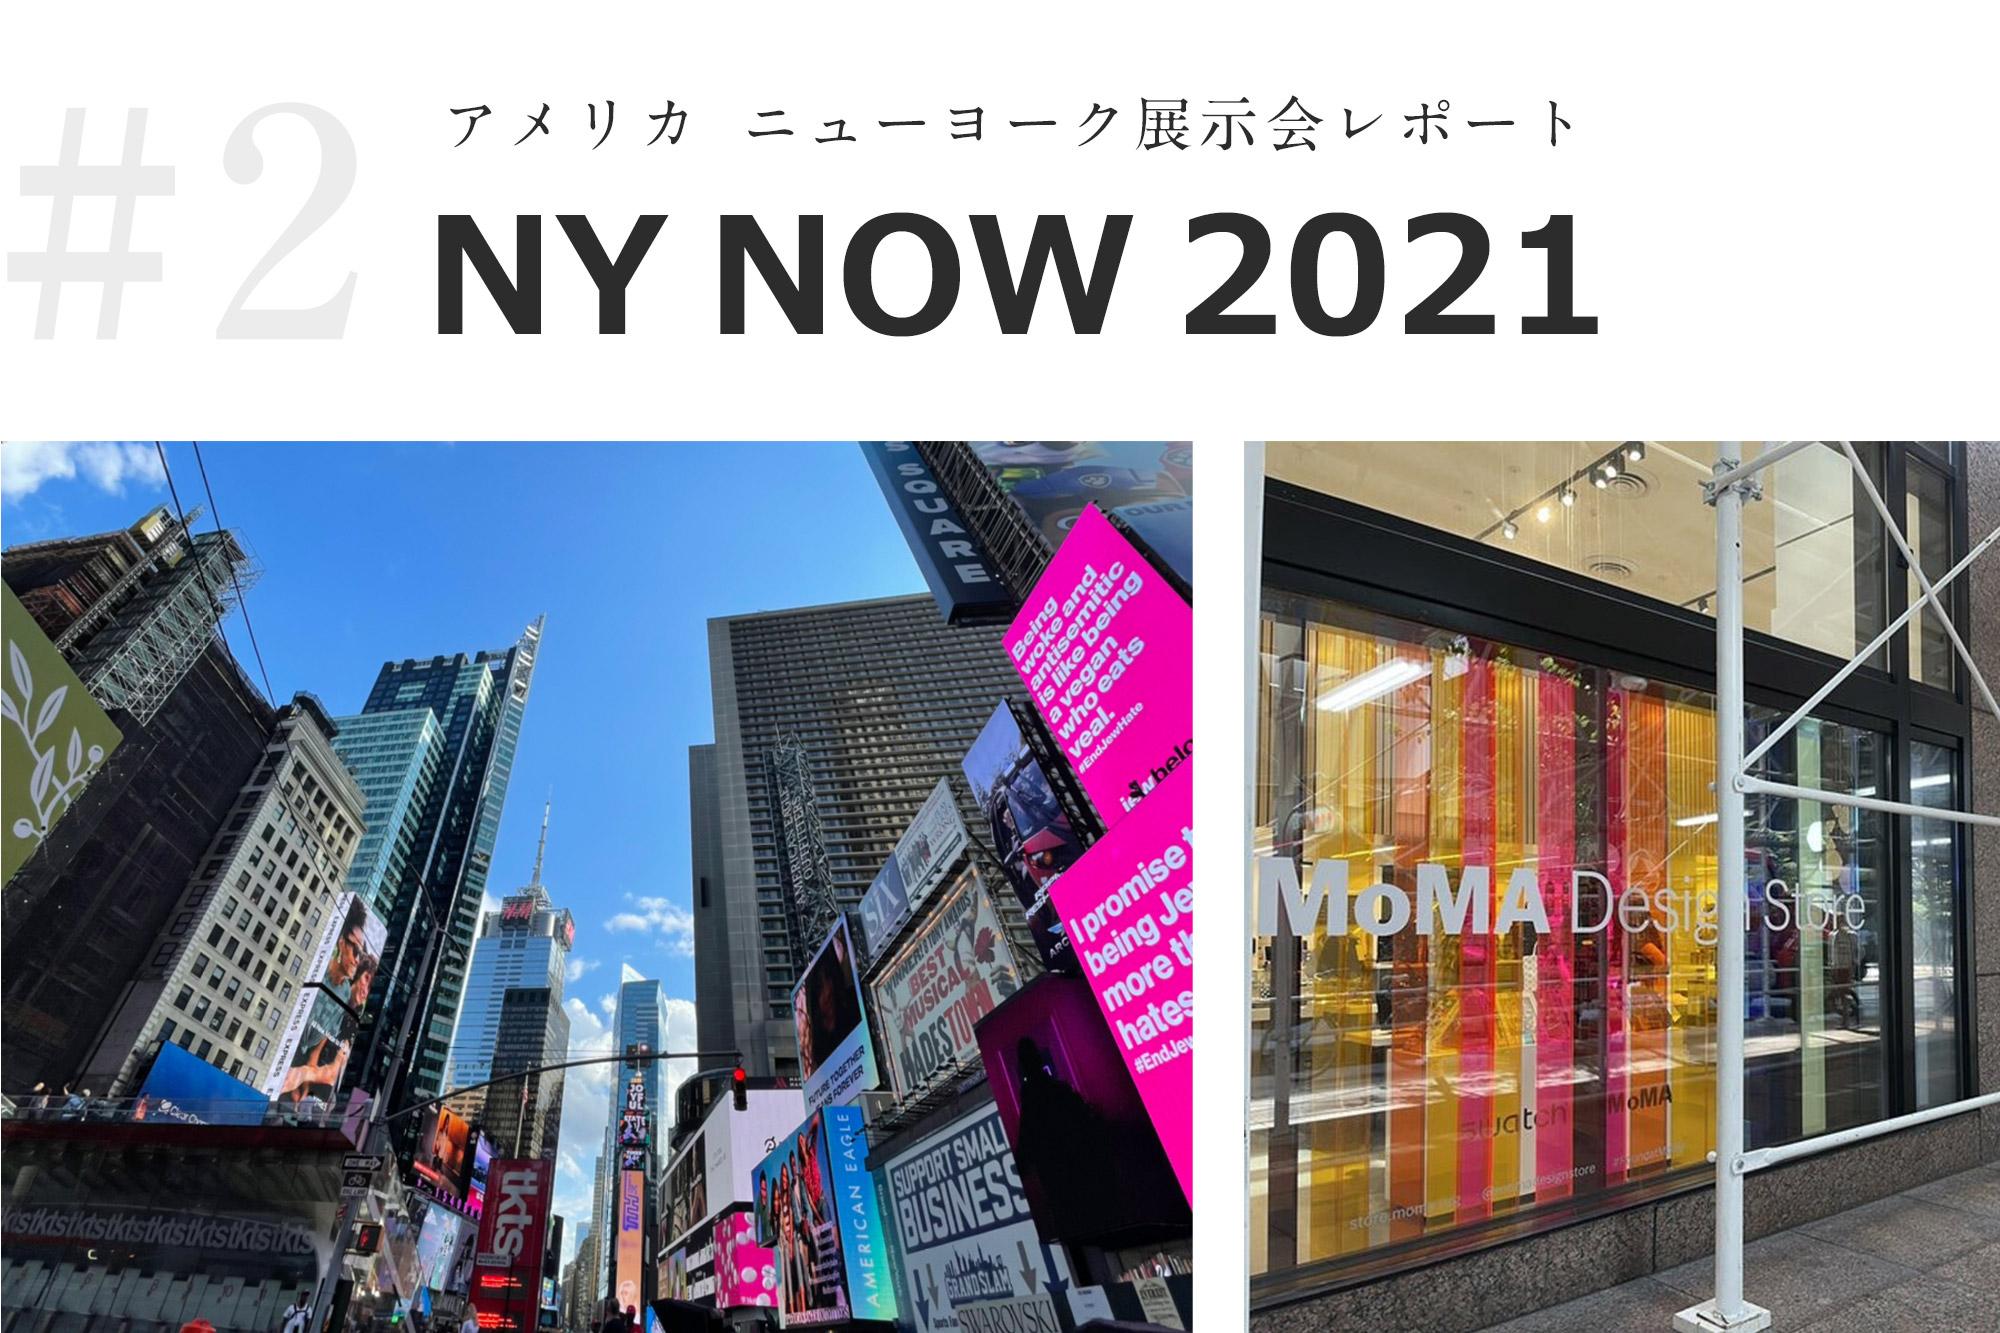 アメリカ ニューヨークでの展示会「NY NOW 2021」 レポート②